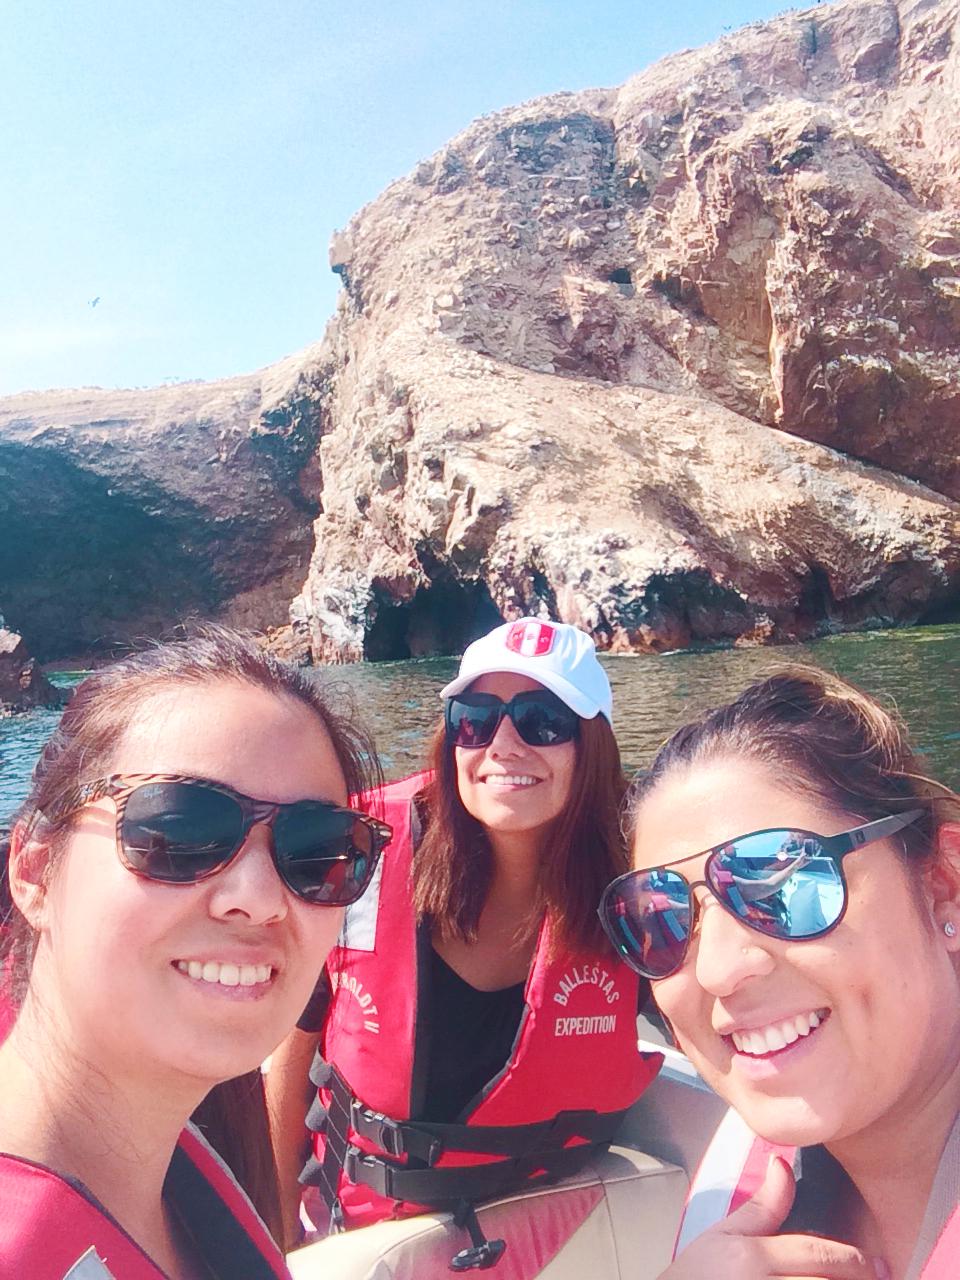 Gracias a mi negocio digital pude conocer a Rosa y Andrea, dos emprendedoras syper grosas, con las que viví  un viaje súper divertido en Perú .